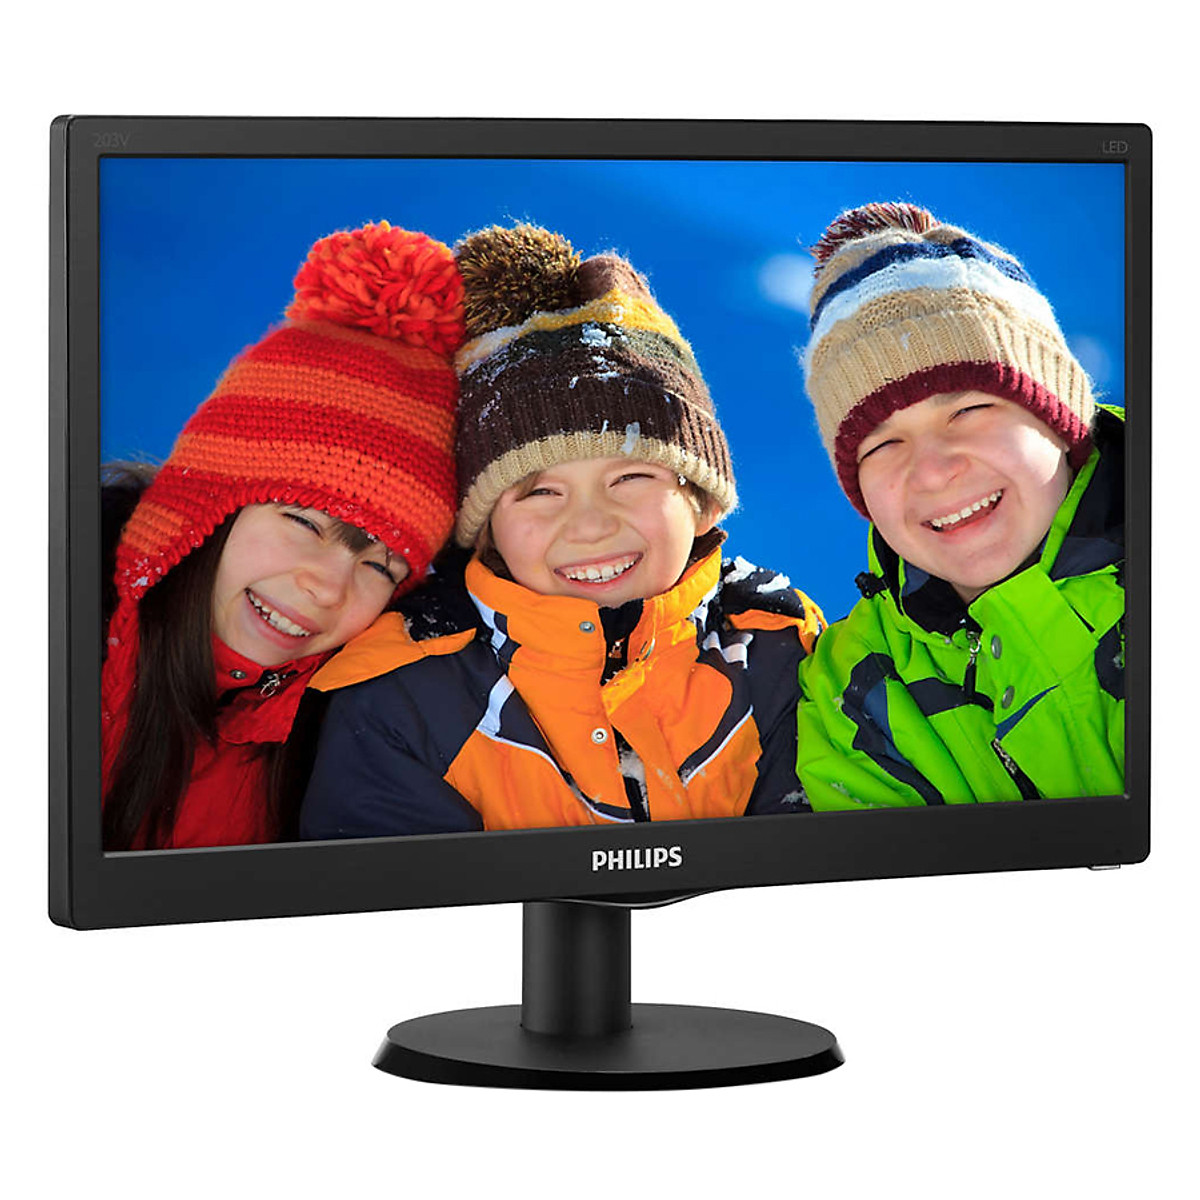 Màn hình LCD Philips 19.5″ 203V5LHSB2 (1600 x 900/60Hz/6 ms)